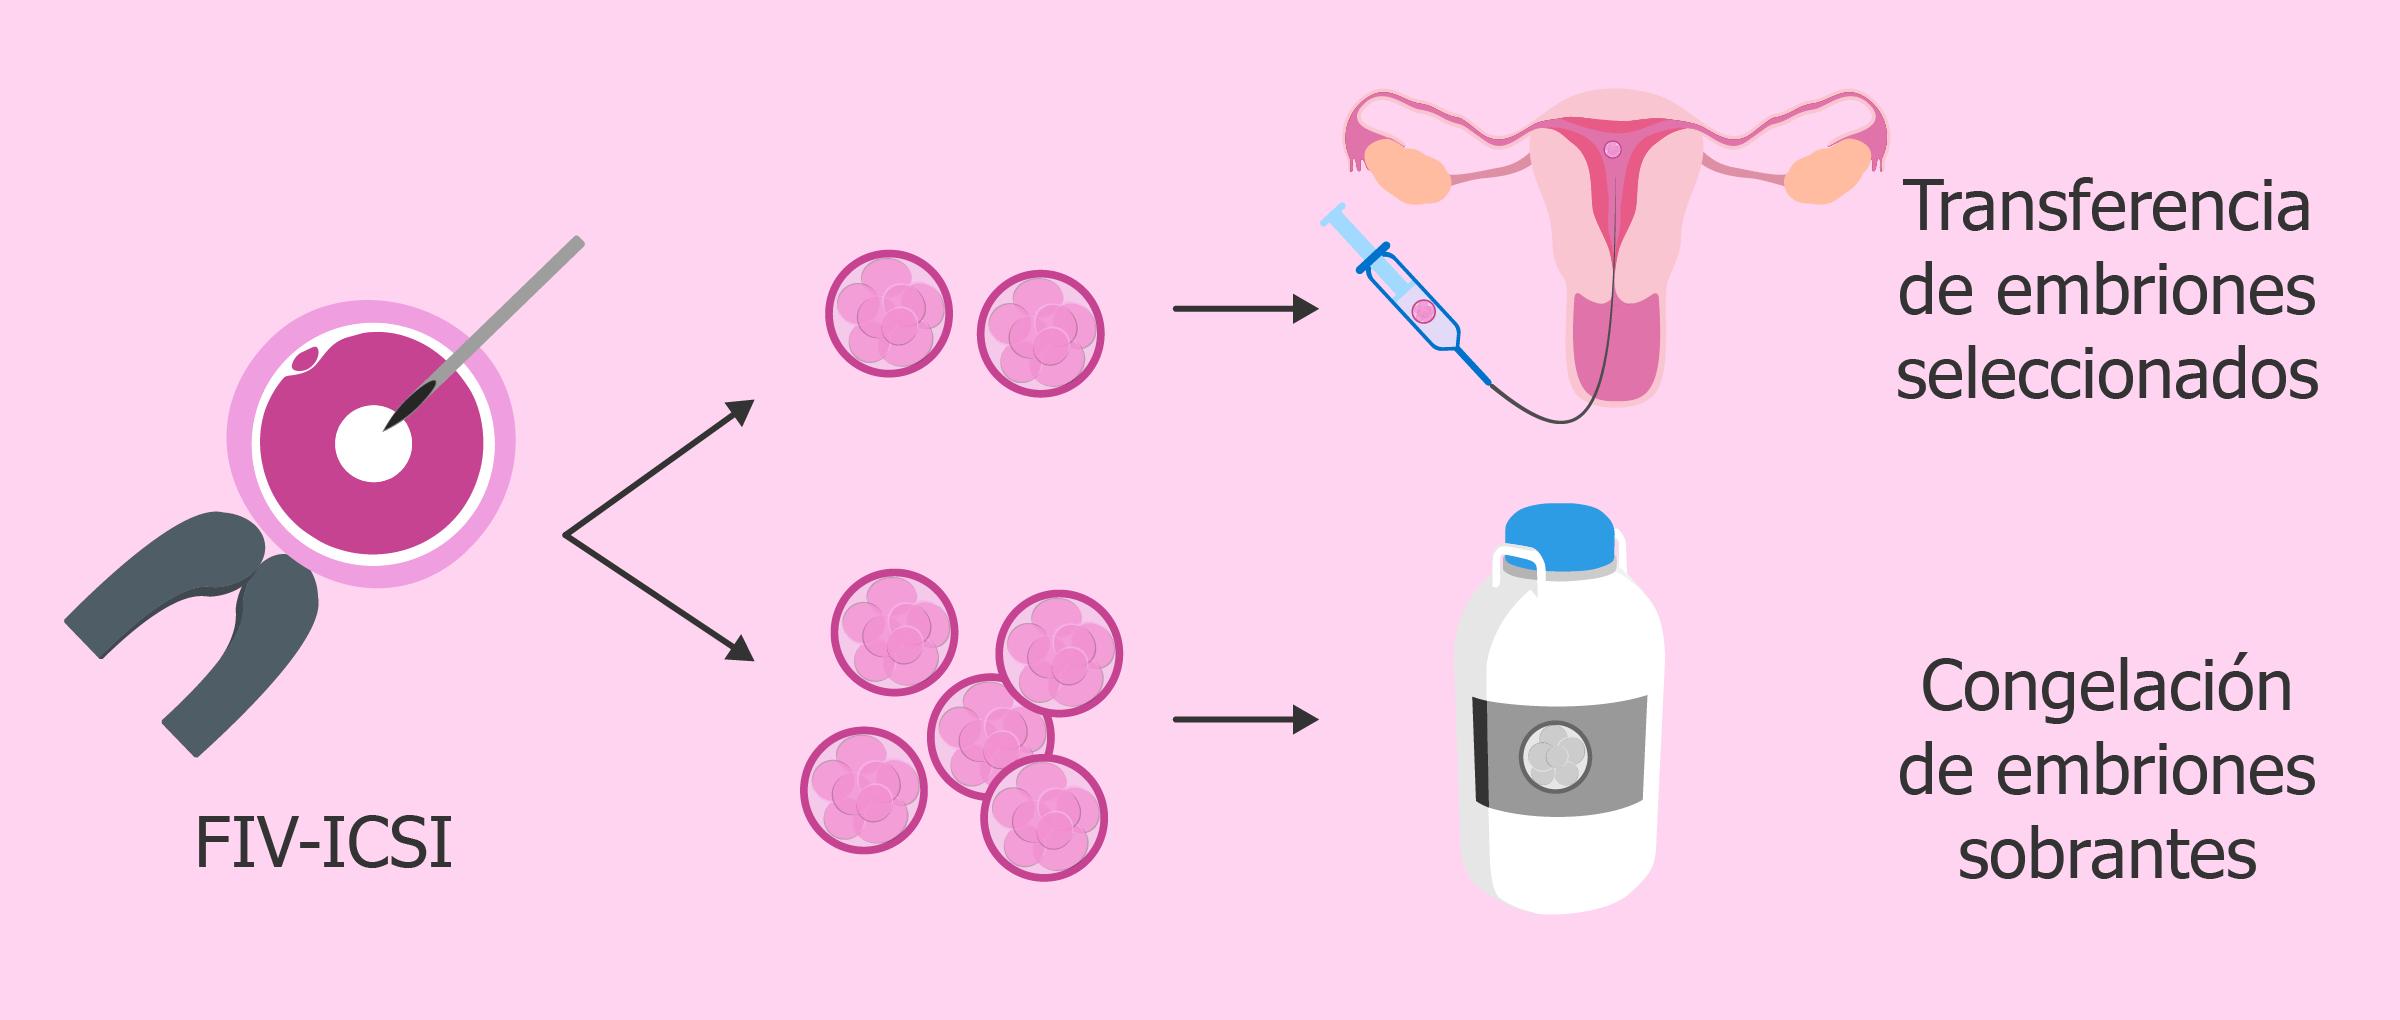 La transferencia diferida o transferencia de embriones congelados